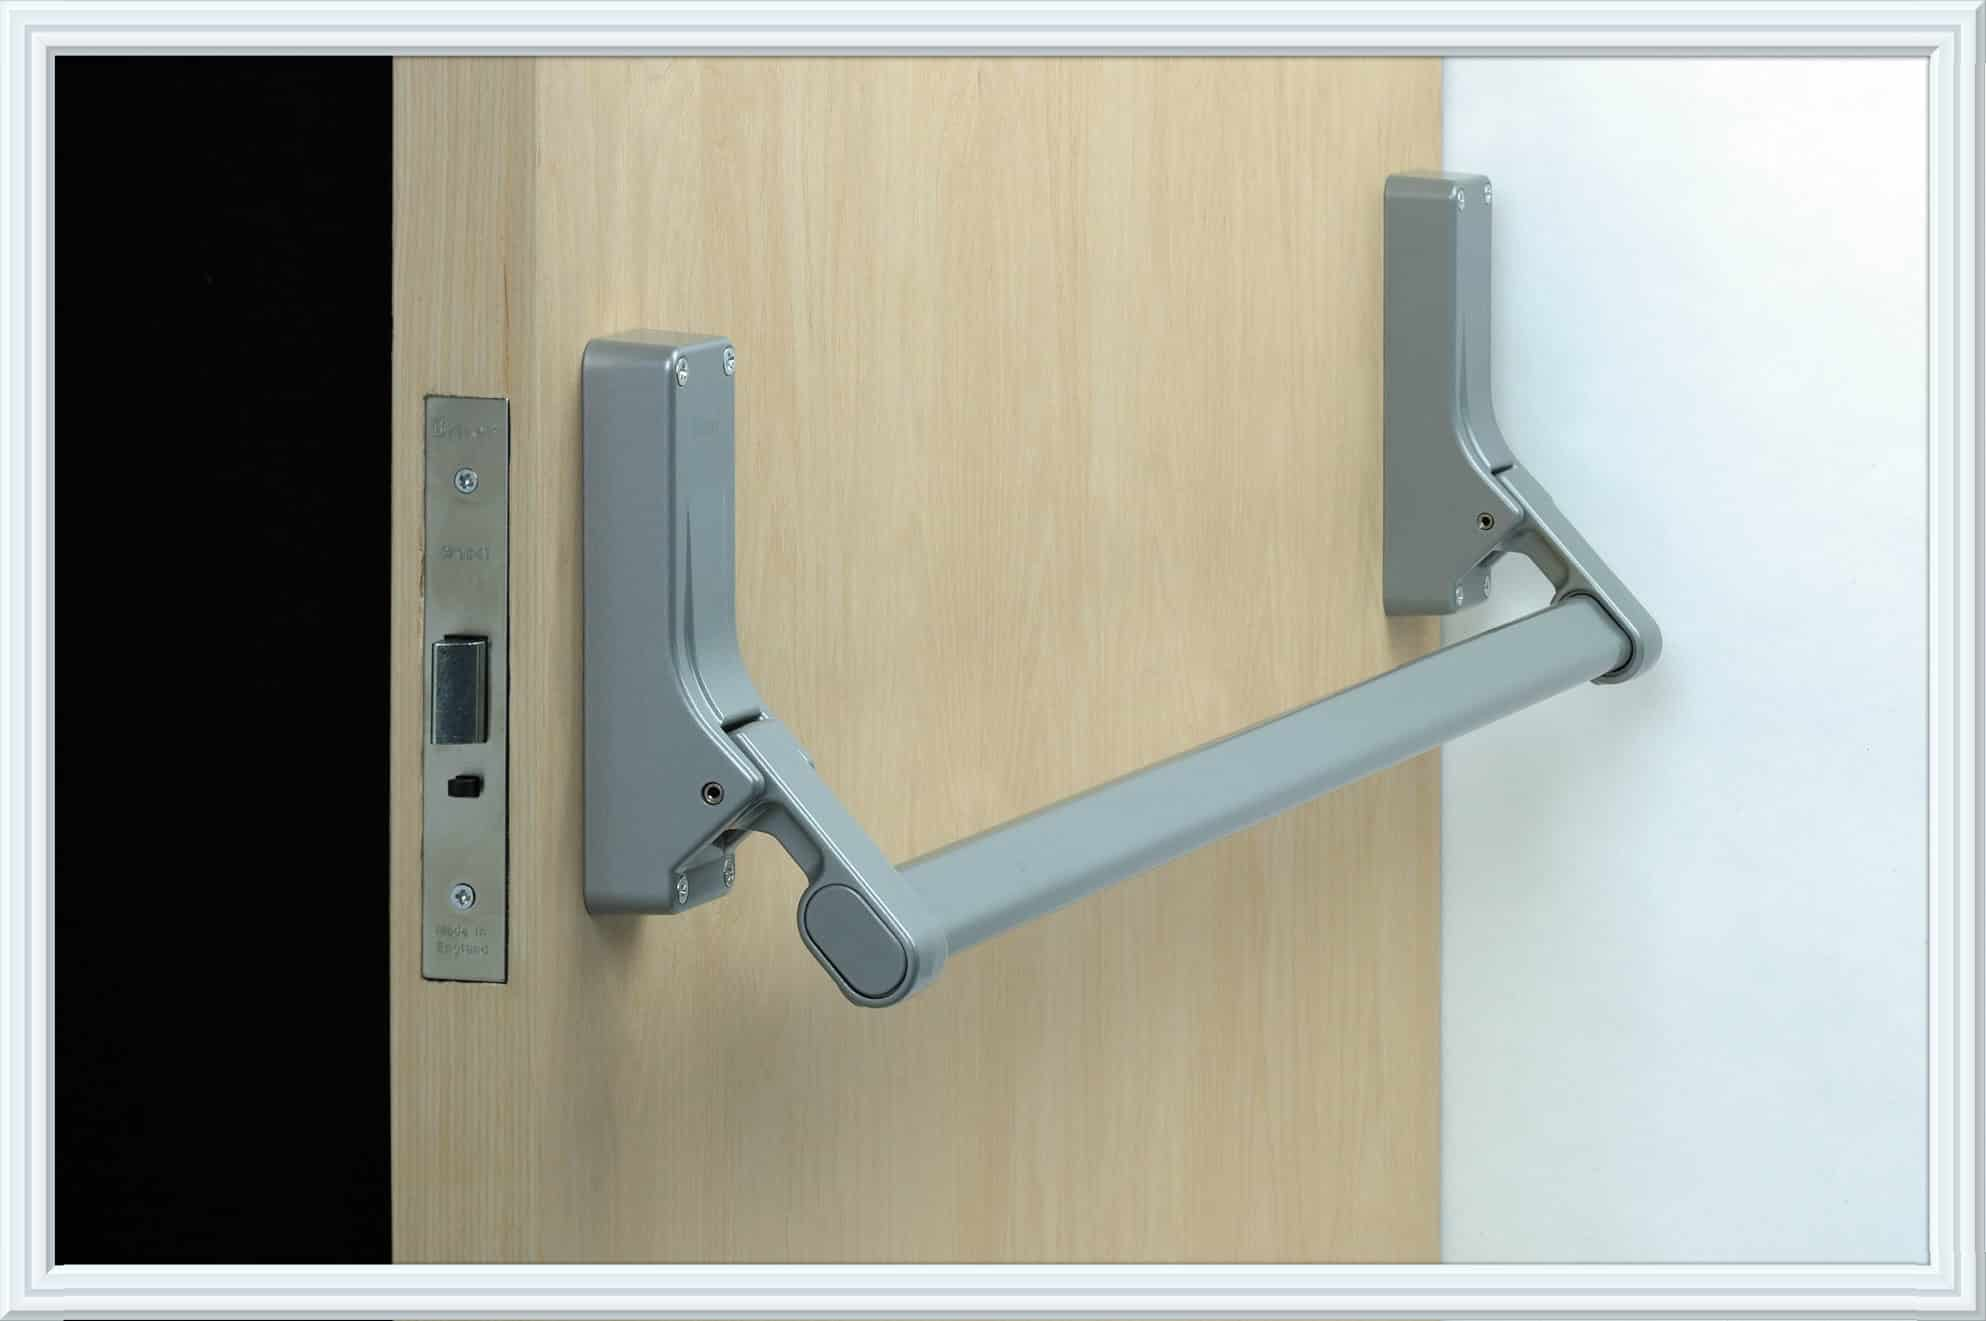 Panic door cal royal combo5000eo36al push bar panic exit for Exterior panic hardware